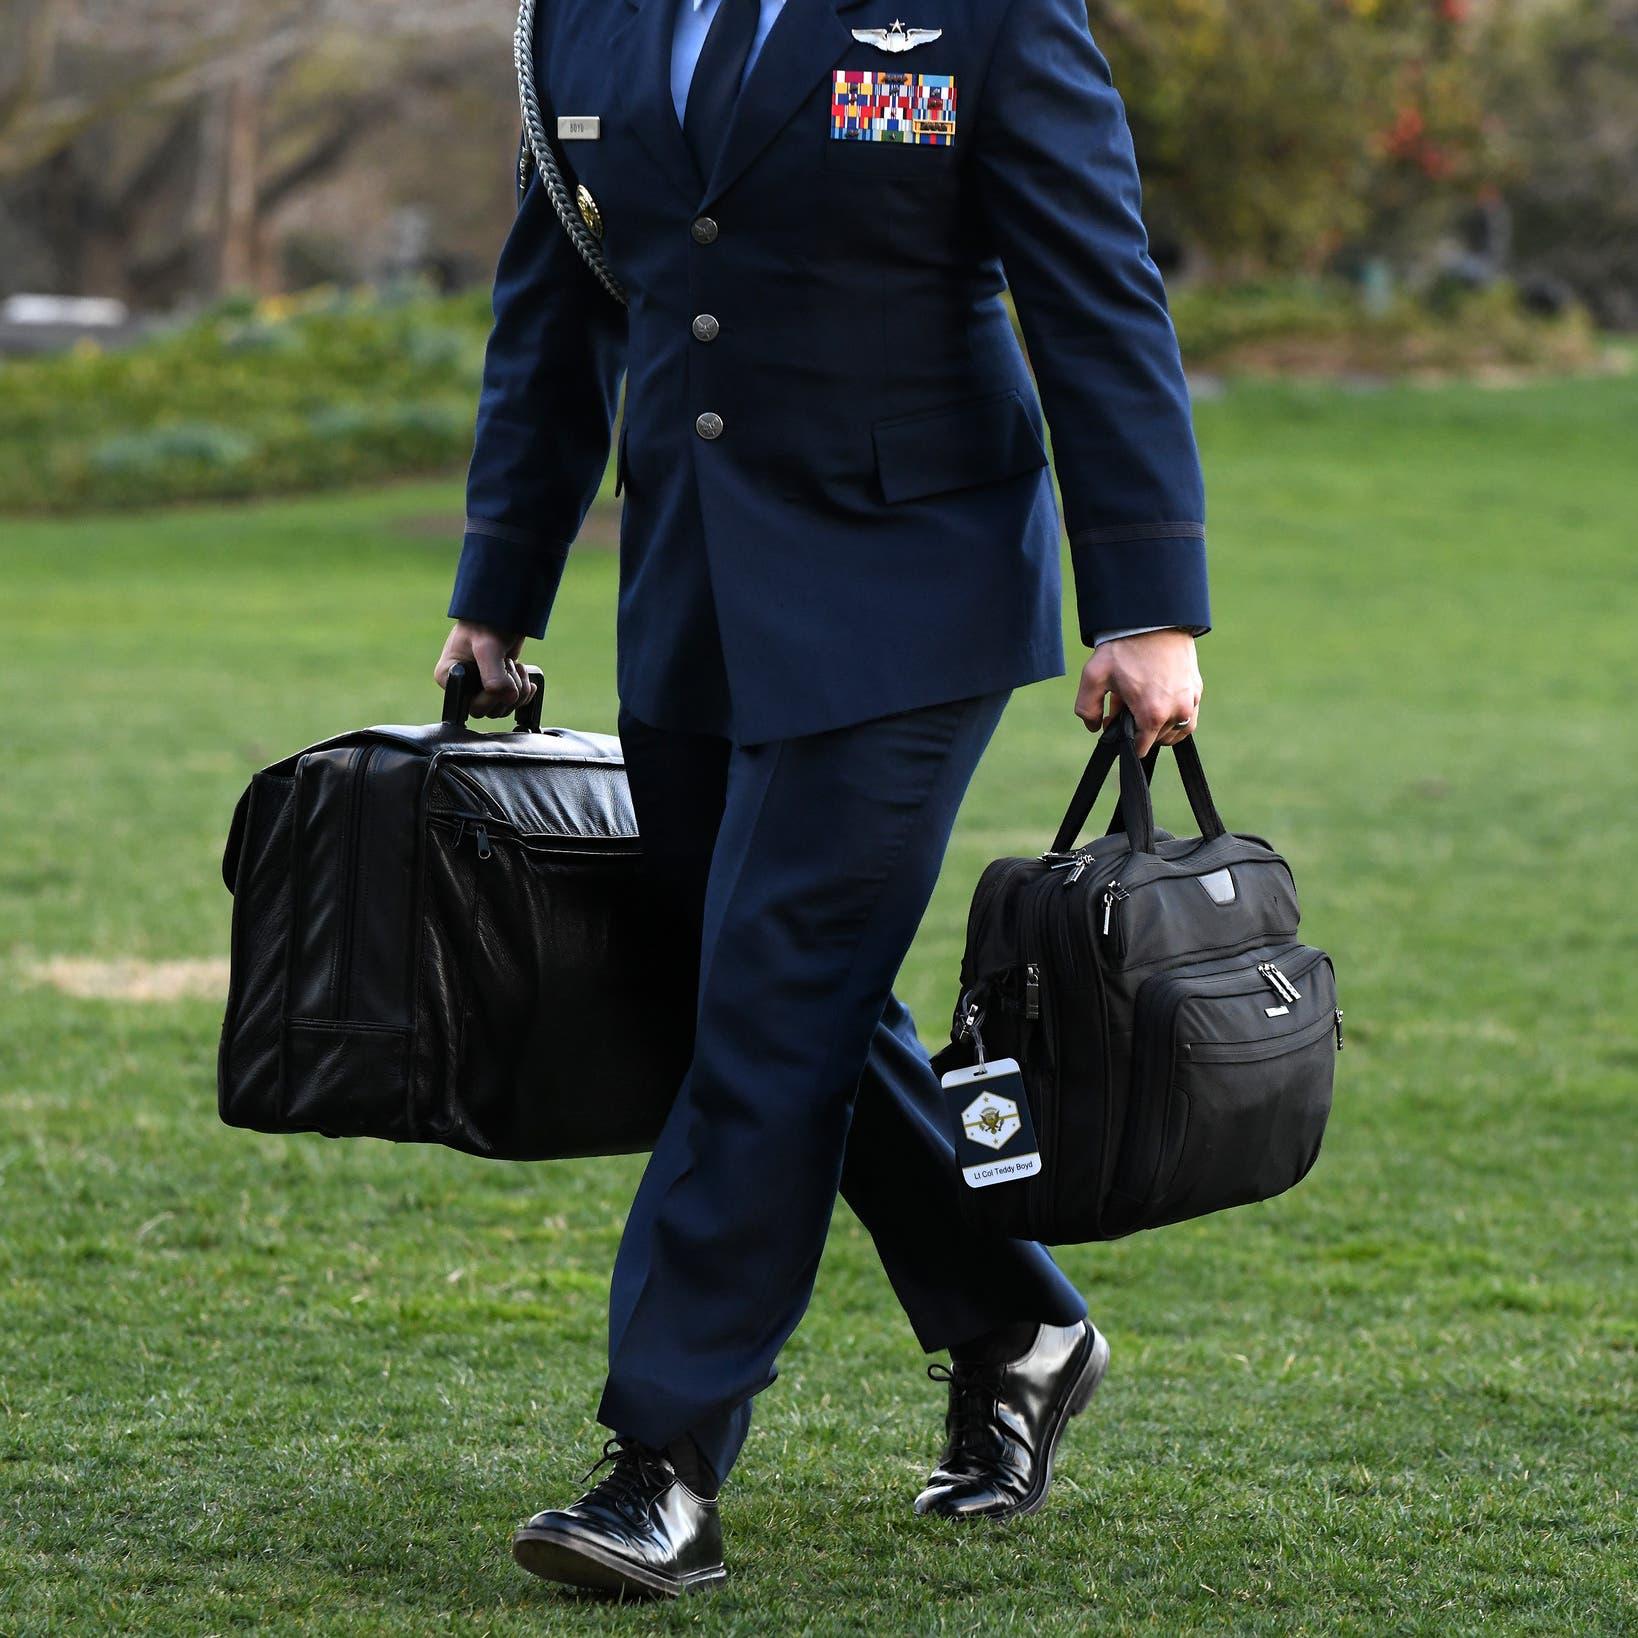 ترمب أخذ حقيبة النووي معه.. فكيف تسلم بايدن الفوتبول؟